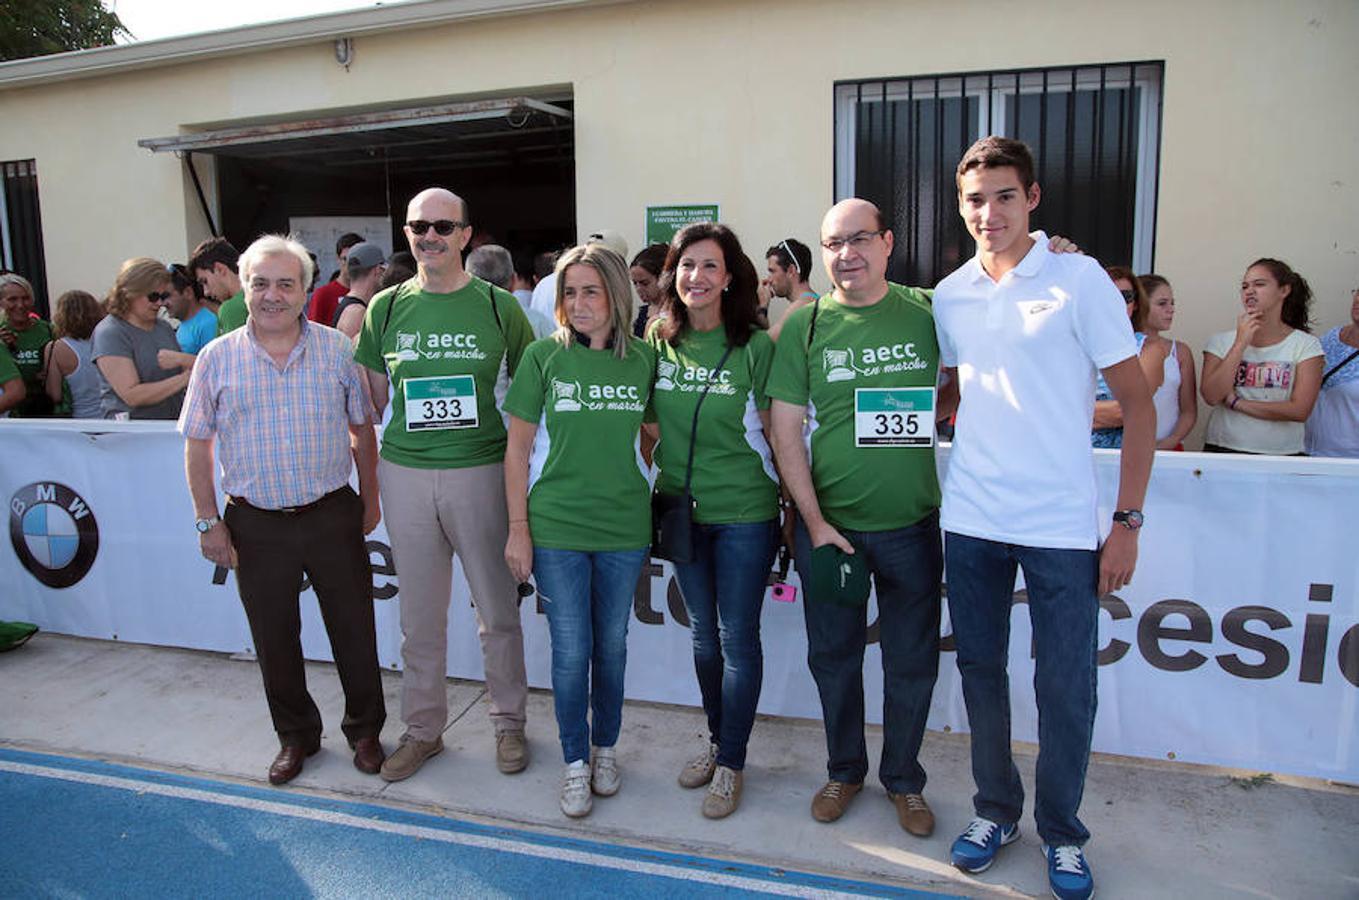 El concejal de Deportes, Juan José Pérez del Pino; la alcaldesa de Toledo, Milagros Tolón; la presidenta de la Asociación en Toledo,  Lucía Rodríguez, o el atleta Lucas Búa, entre otros, se sumaron a esta iniciativa